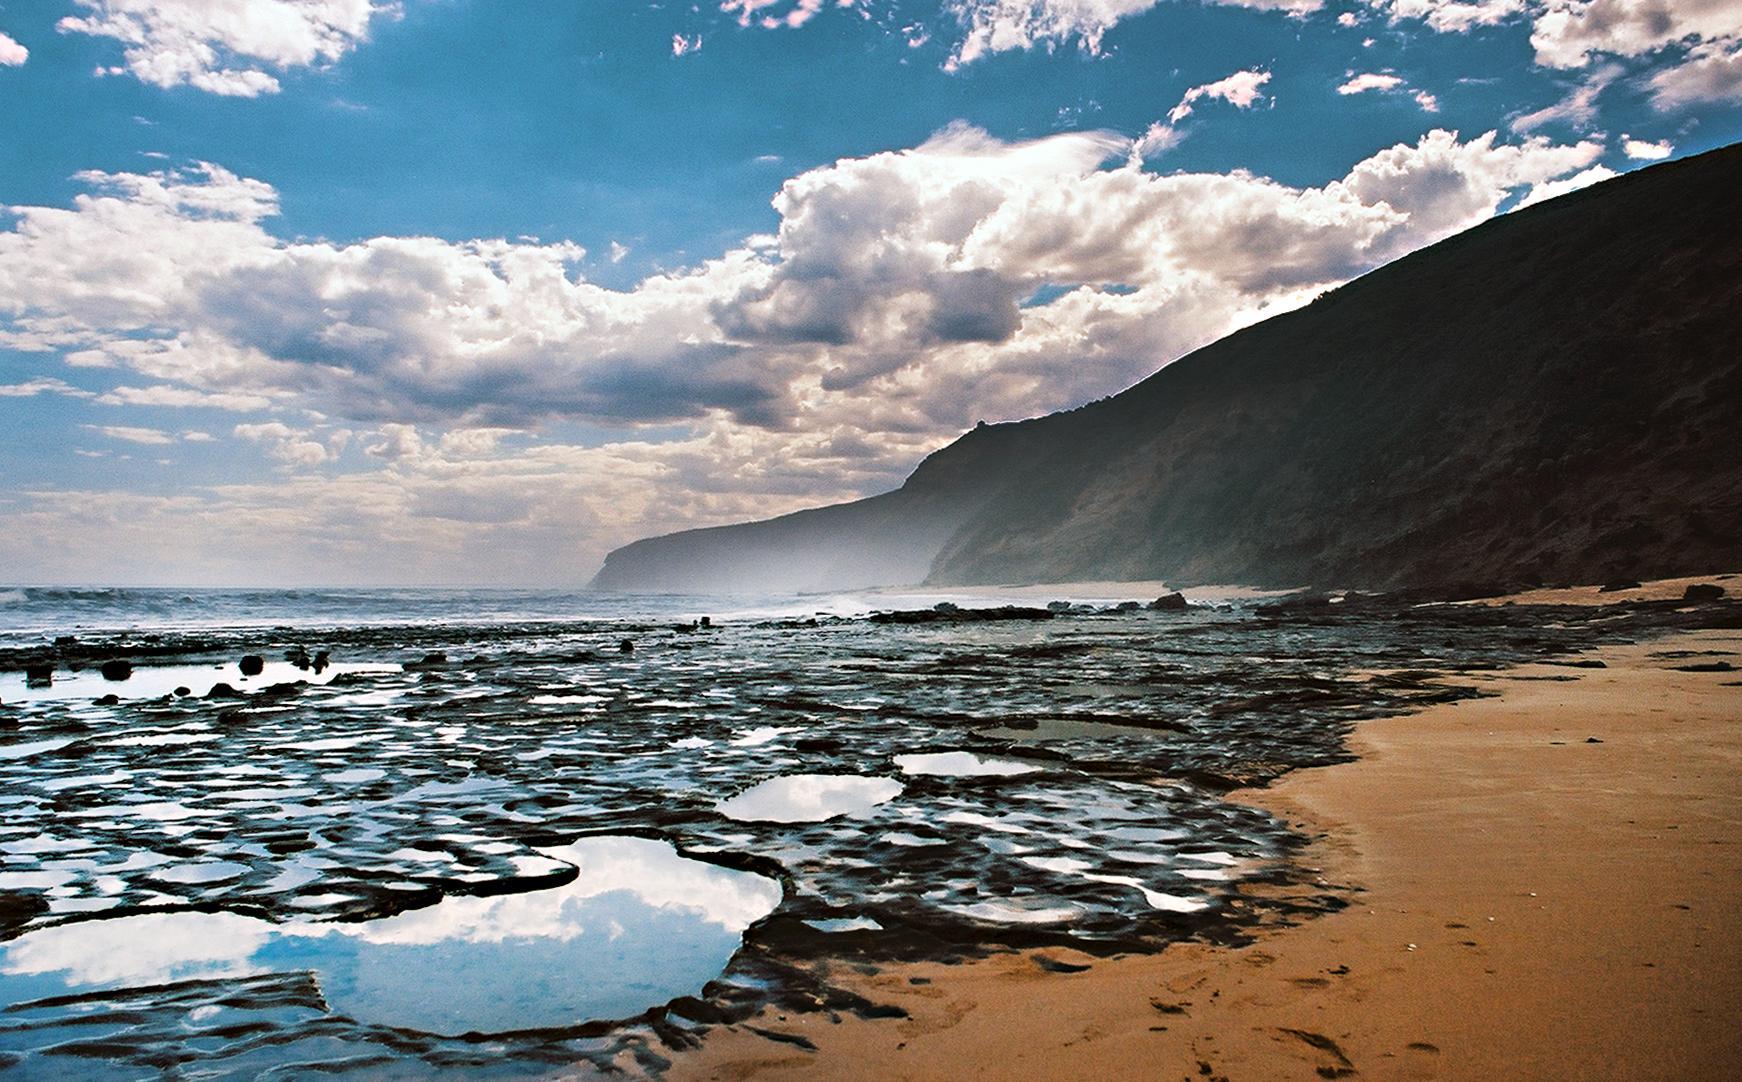 澳洲大洋路之美--胶片机:Minolta X-700 @Julien Wallis-菲林中文-独立胶片摄影门户!